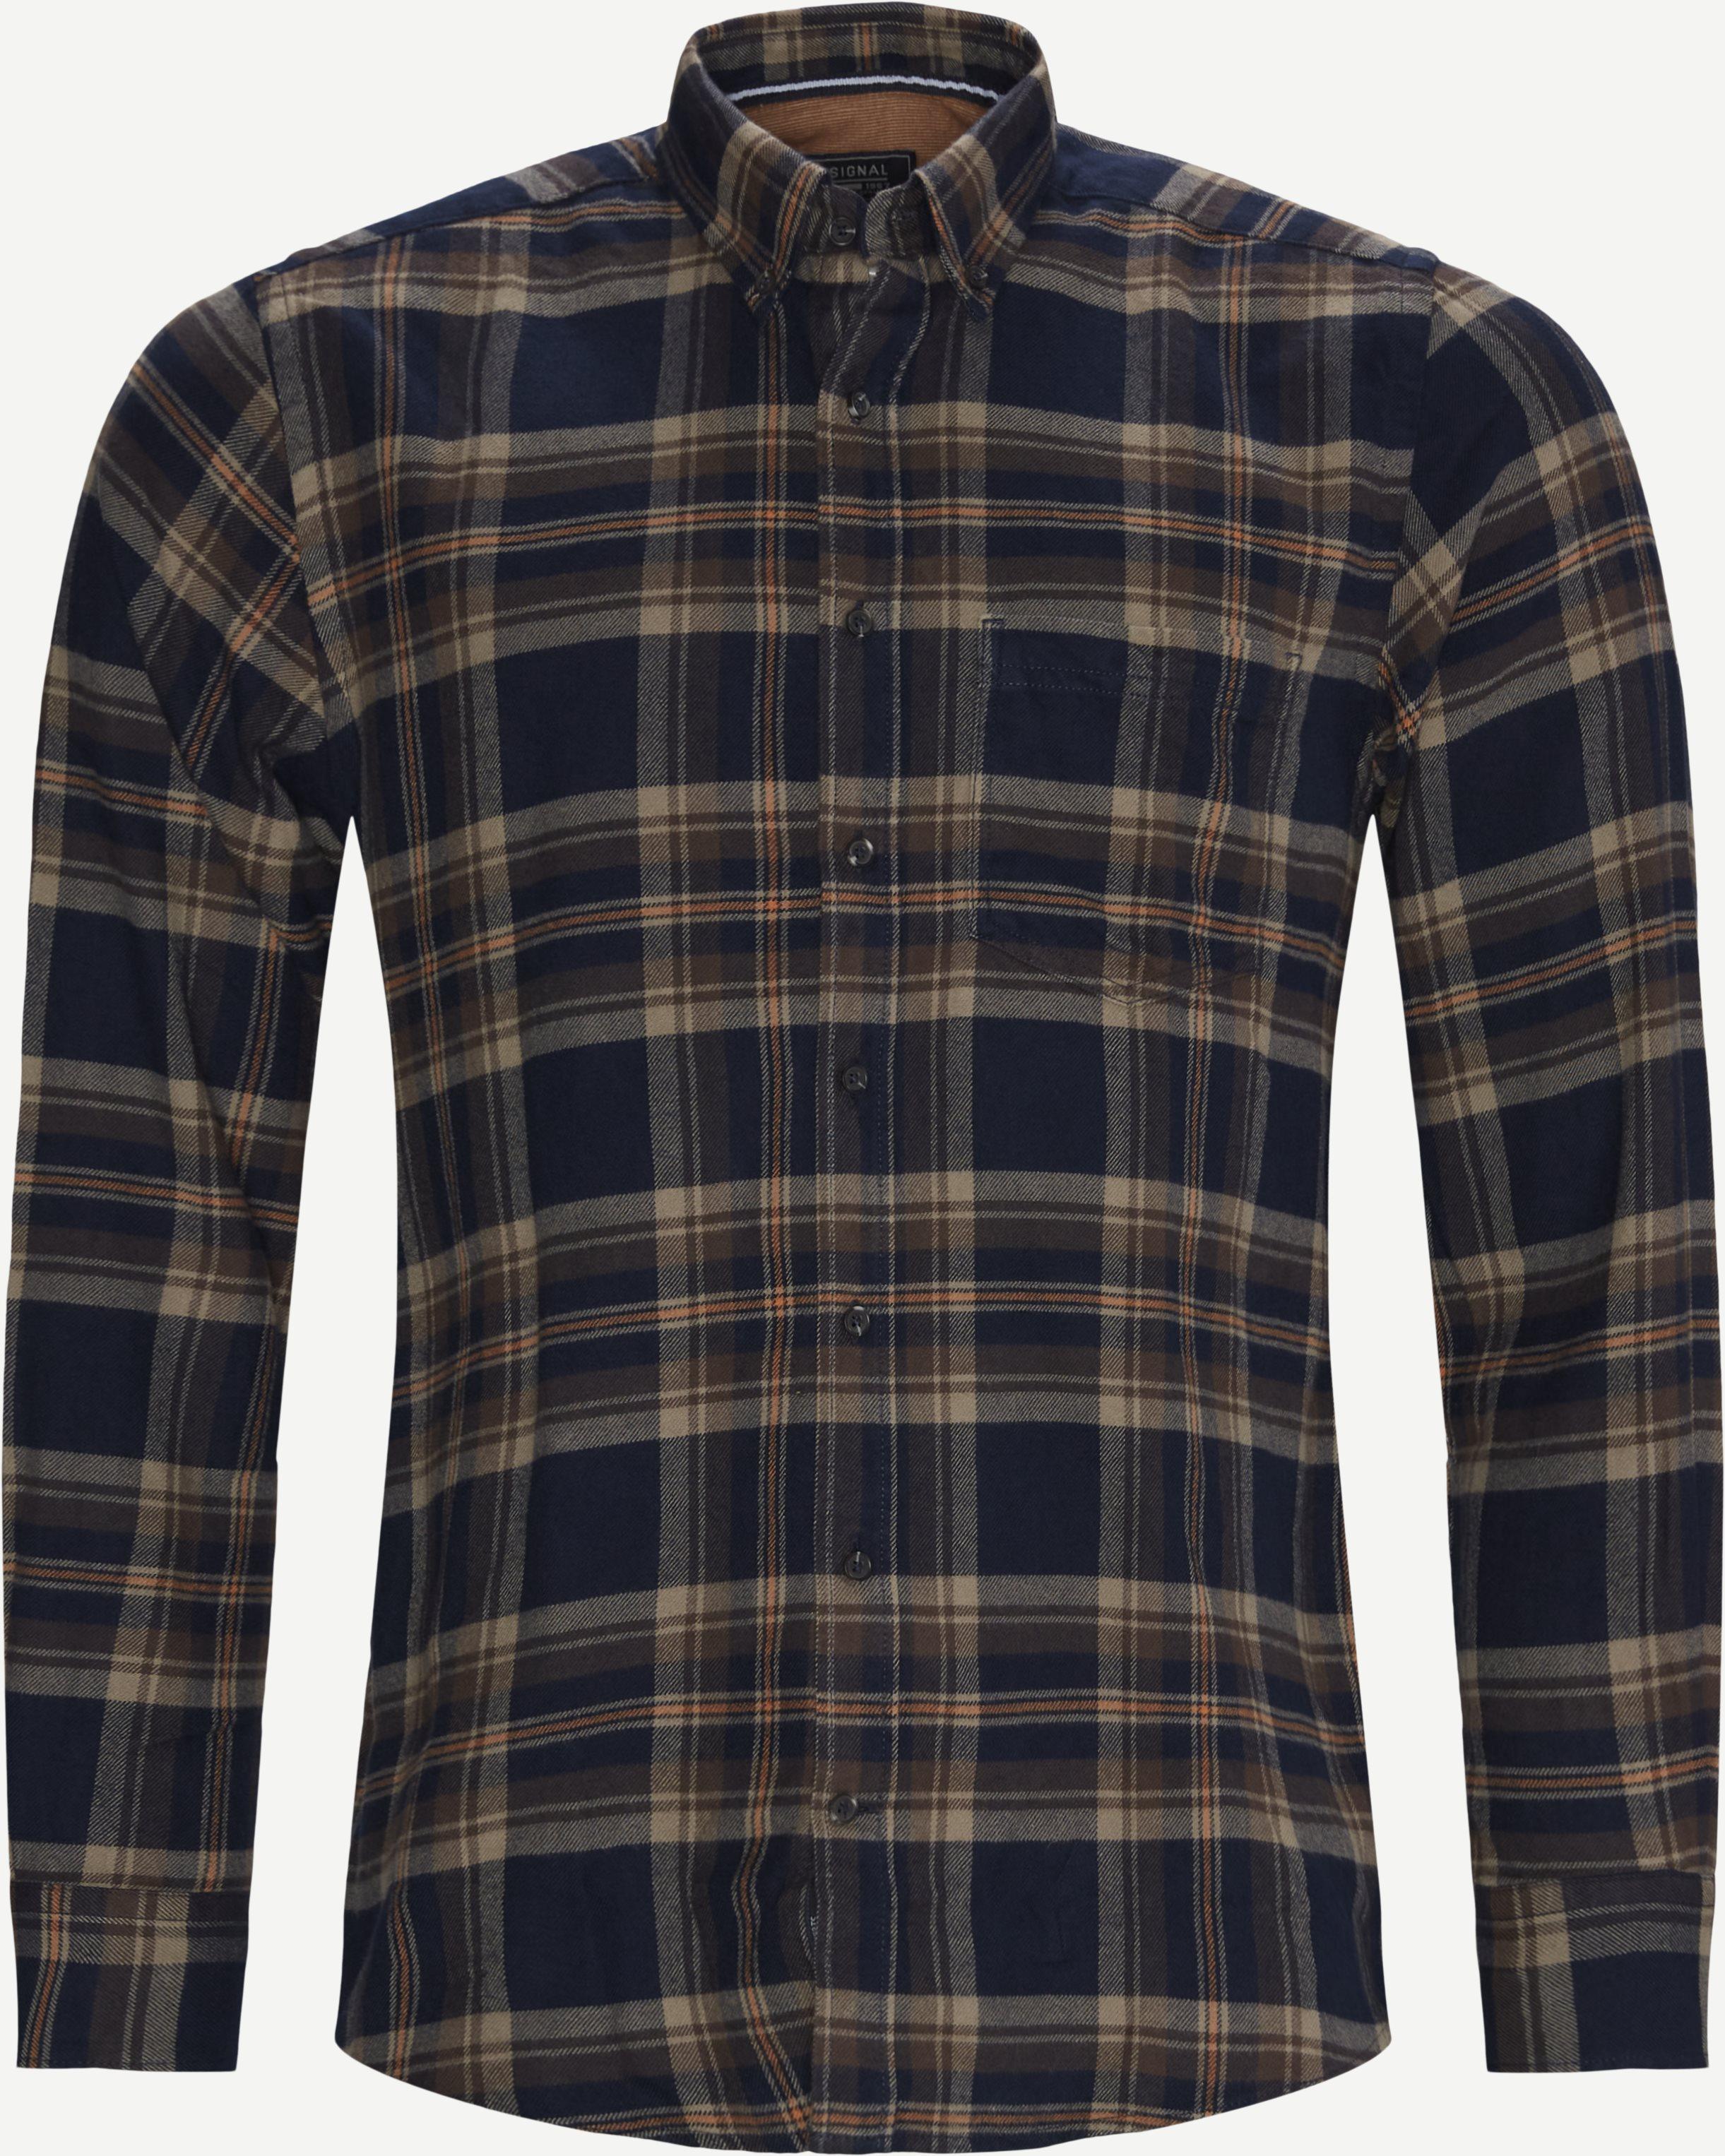 15399 Skjorte - Skjorter - Regular - Blå